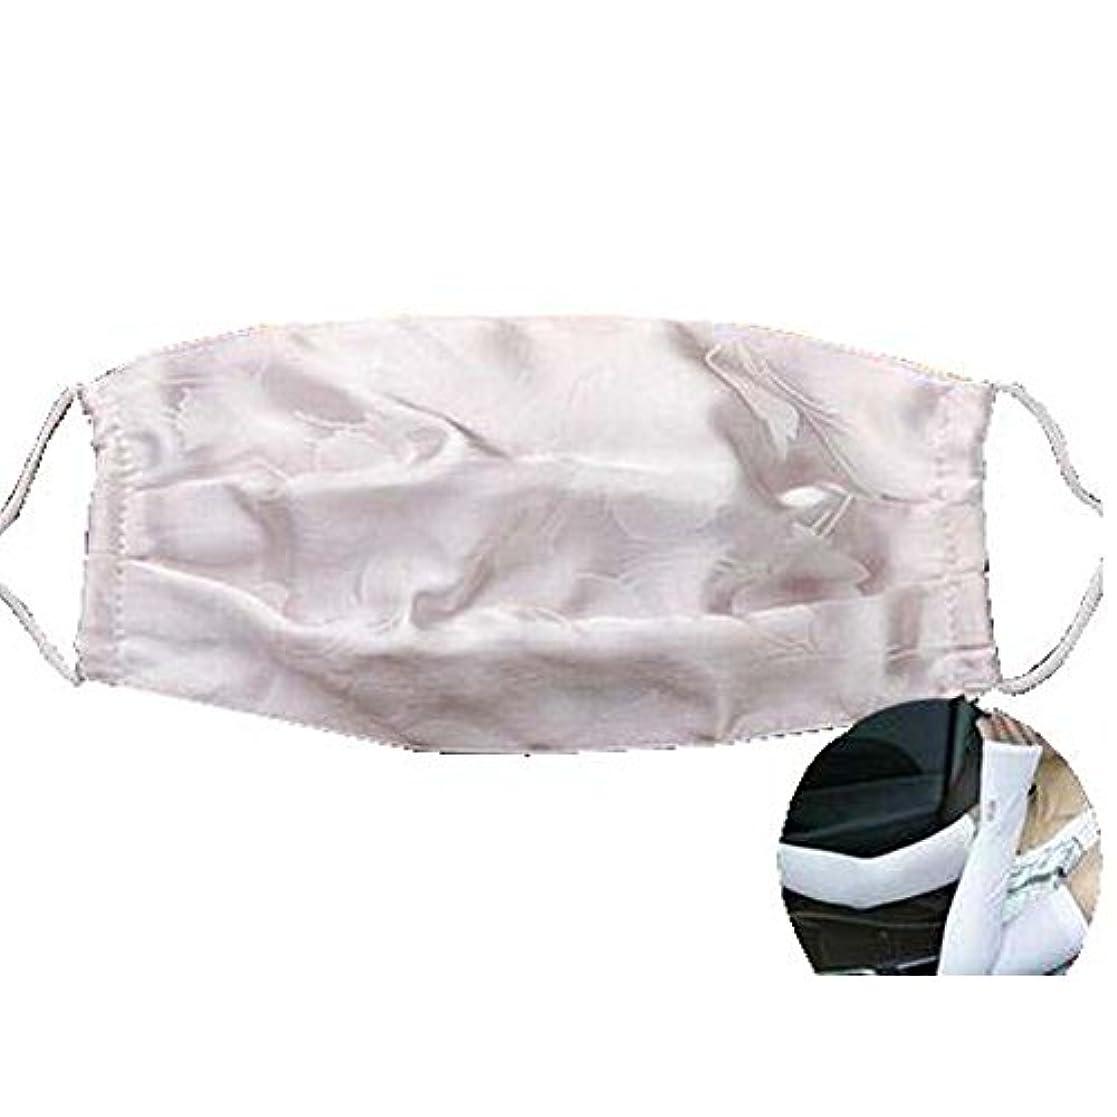 回復思い出す脆いマスクダストマスクアンチ汚染活性化シルクマスクとシルクアームスリーブ